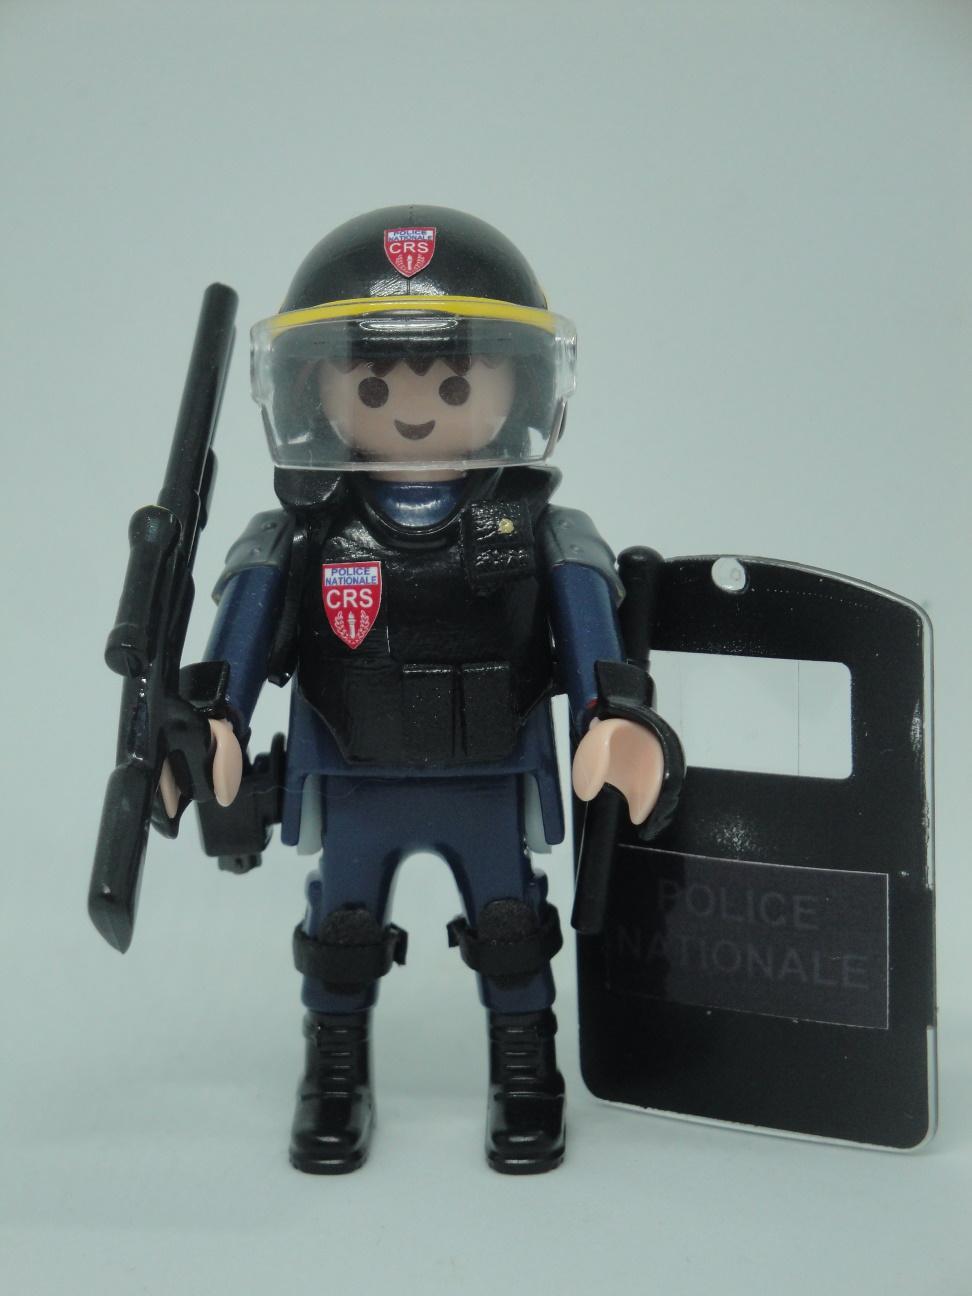 Playmobil personalizado con el uniforme de las CRS de la Policía Nacional de Francia